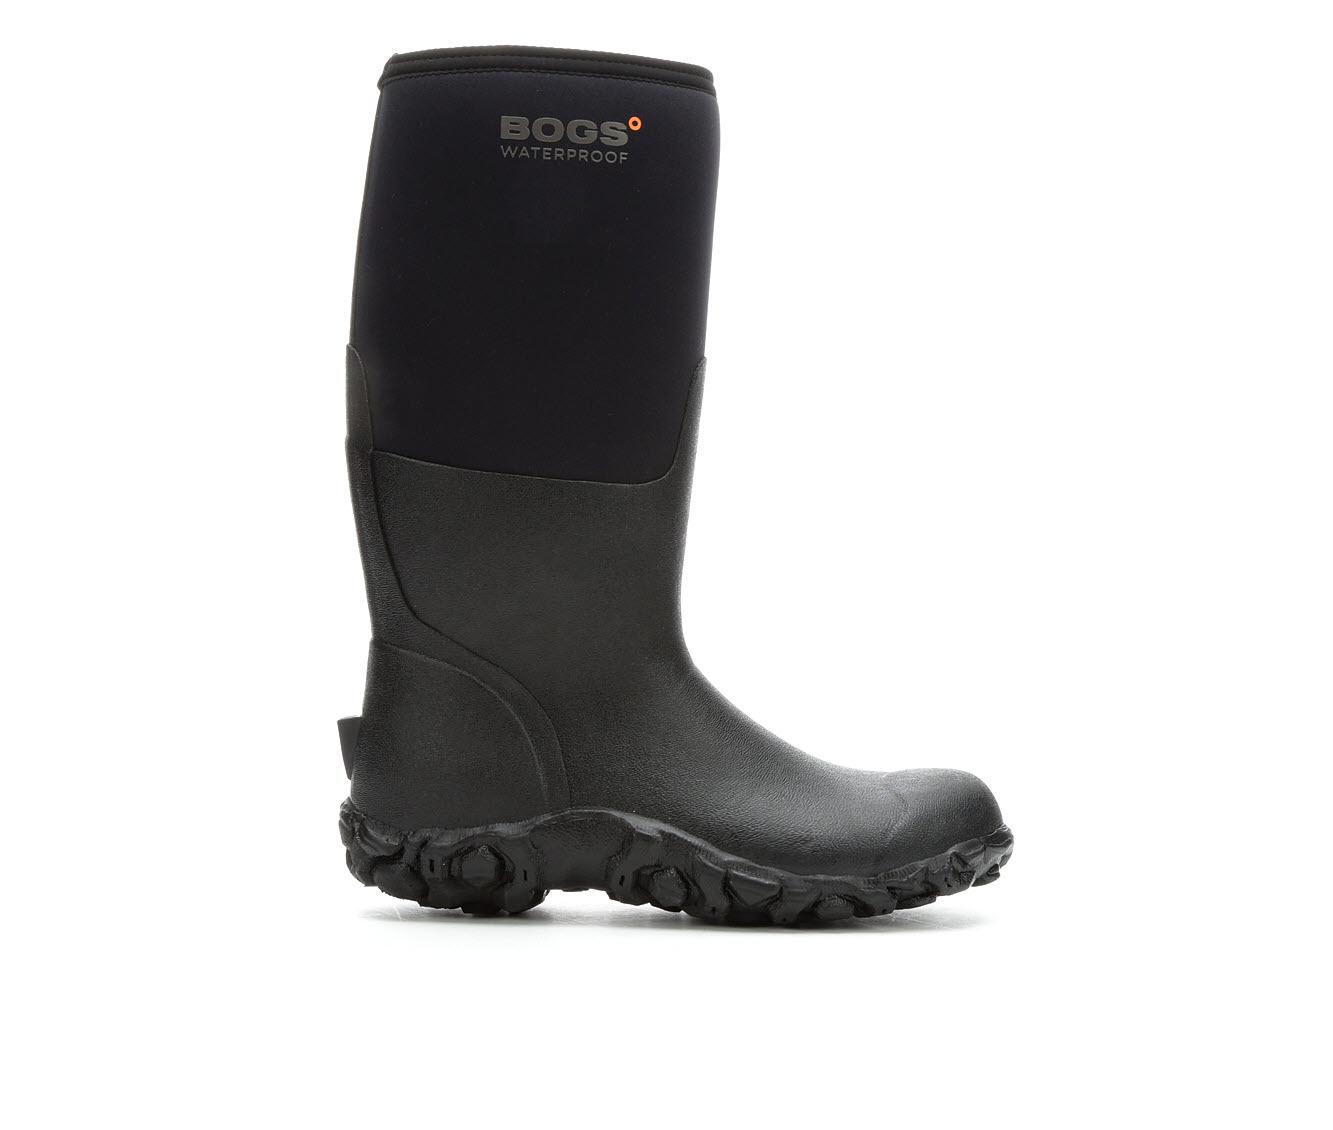 Bogs Footwear Range Waterproof Men's Boots (Black Nylon)